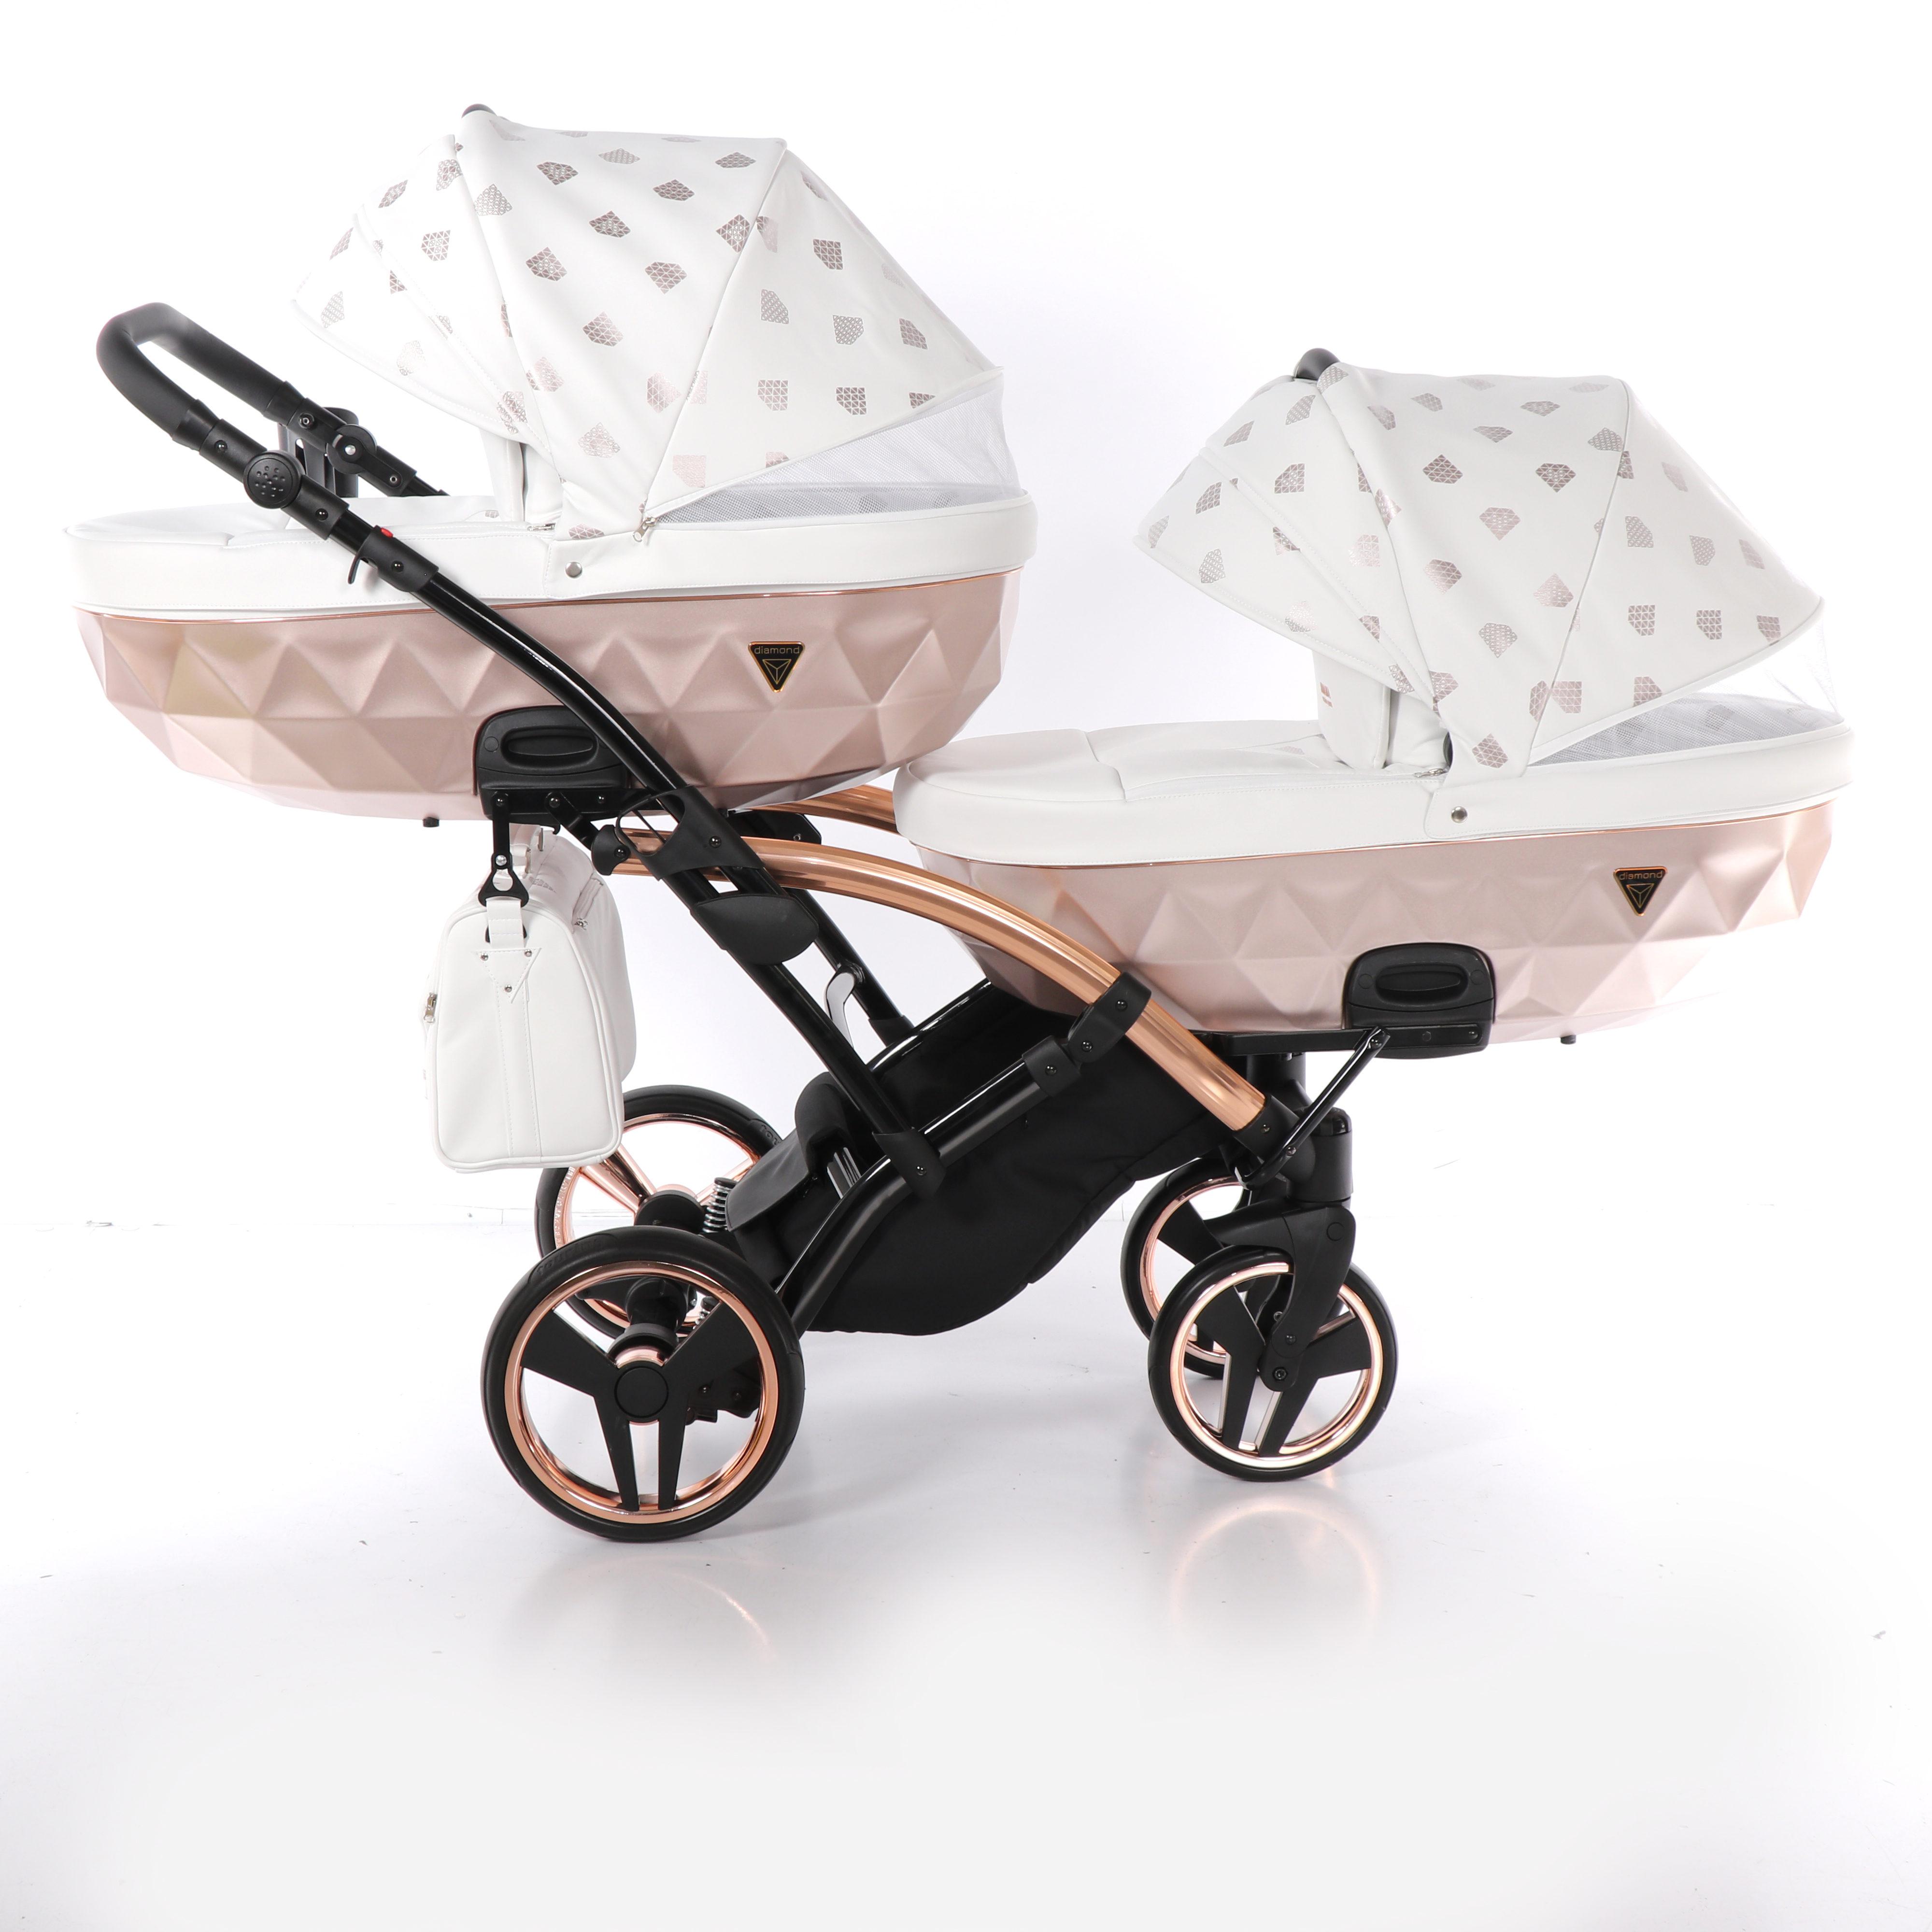 wózek dzieciecy bliźniaczy Junama Glow Duo Slim wielofunkcyjny